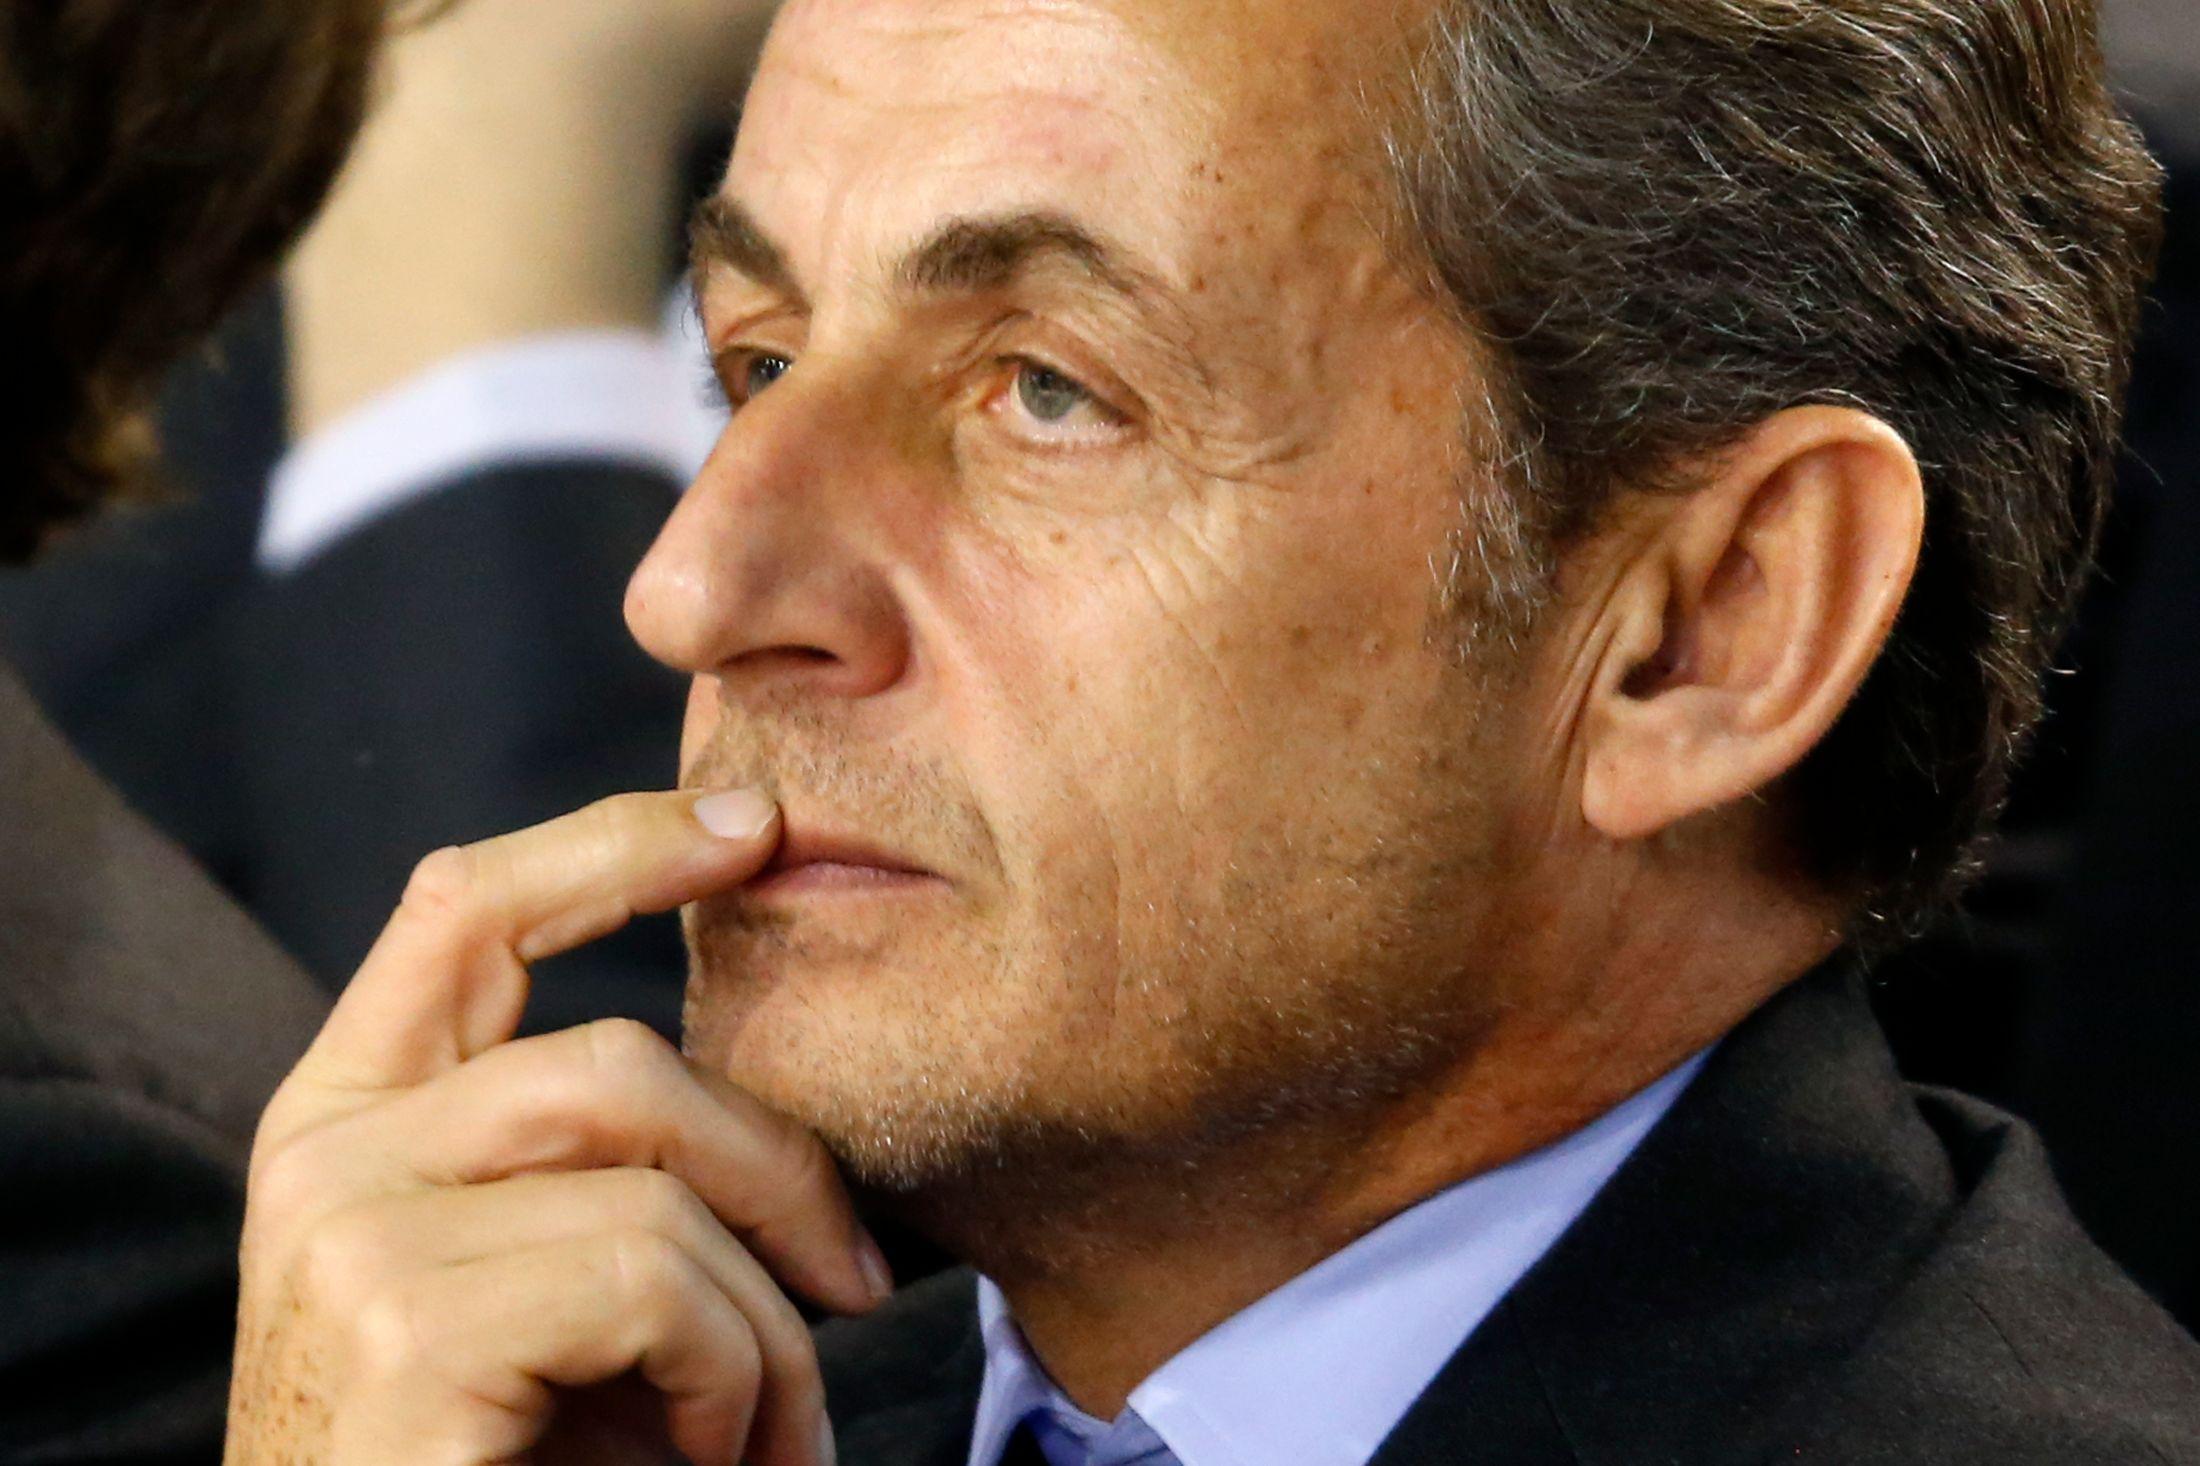 Bygmalion: l'ex-directrice financière de l'UMP met en cause le clan Sarkozy